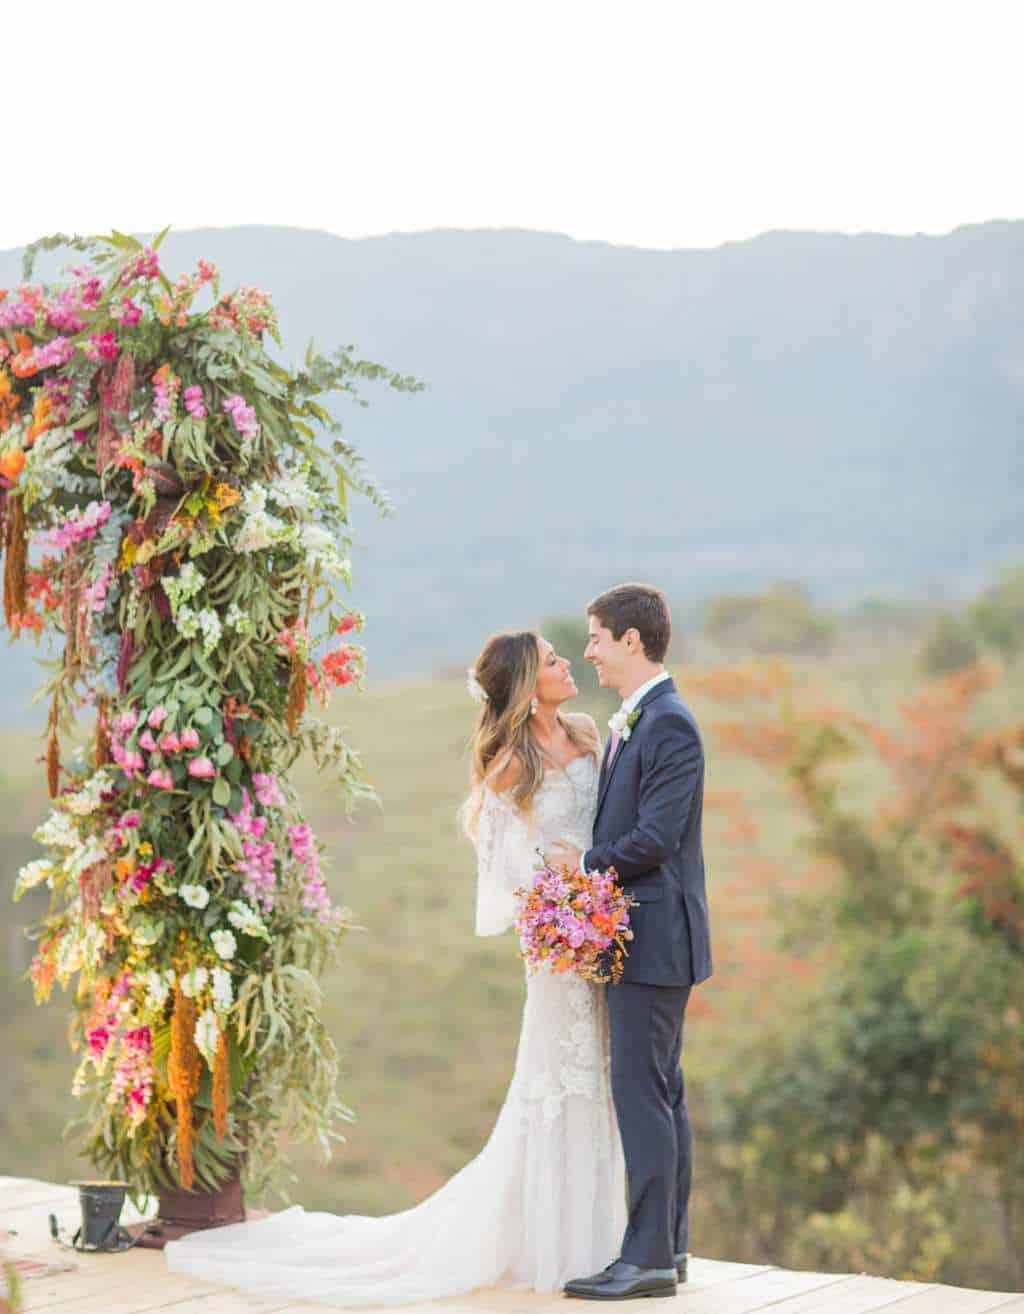 casamento-ao-ar-livre-Julia-e-Felipe-35